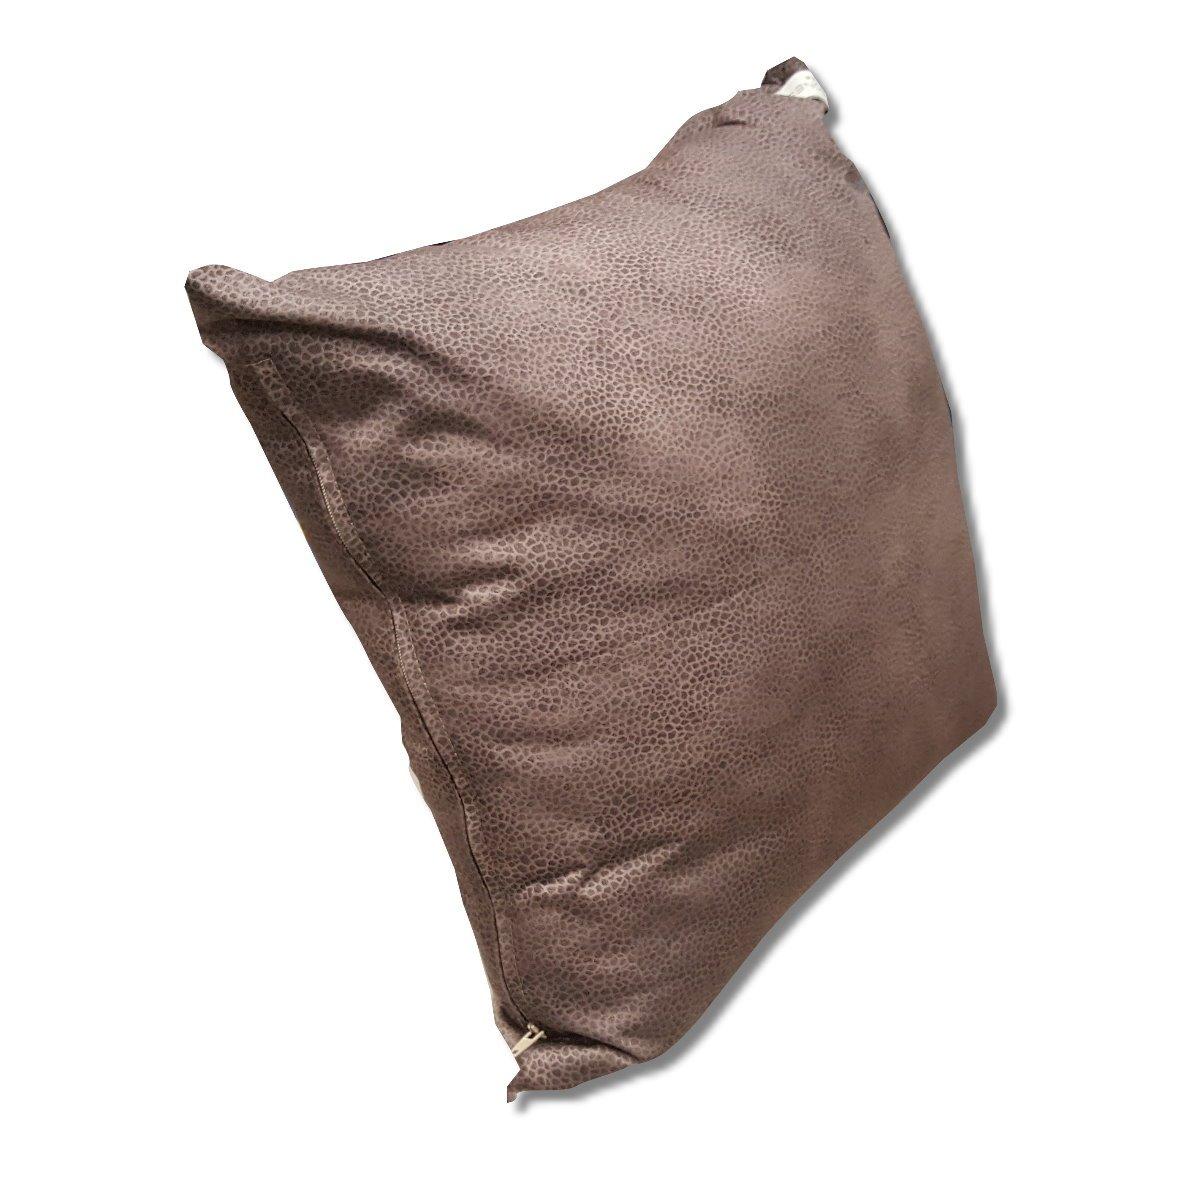 Vendita di cuscini d 39 arredo borbonese in raso di cotone for Vendita cuscini arredo